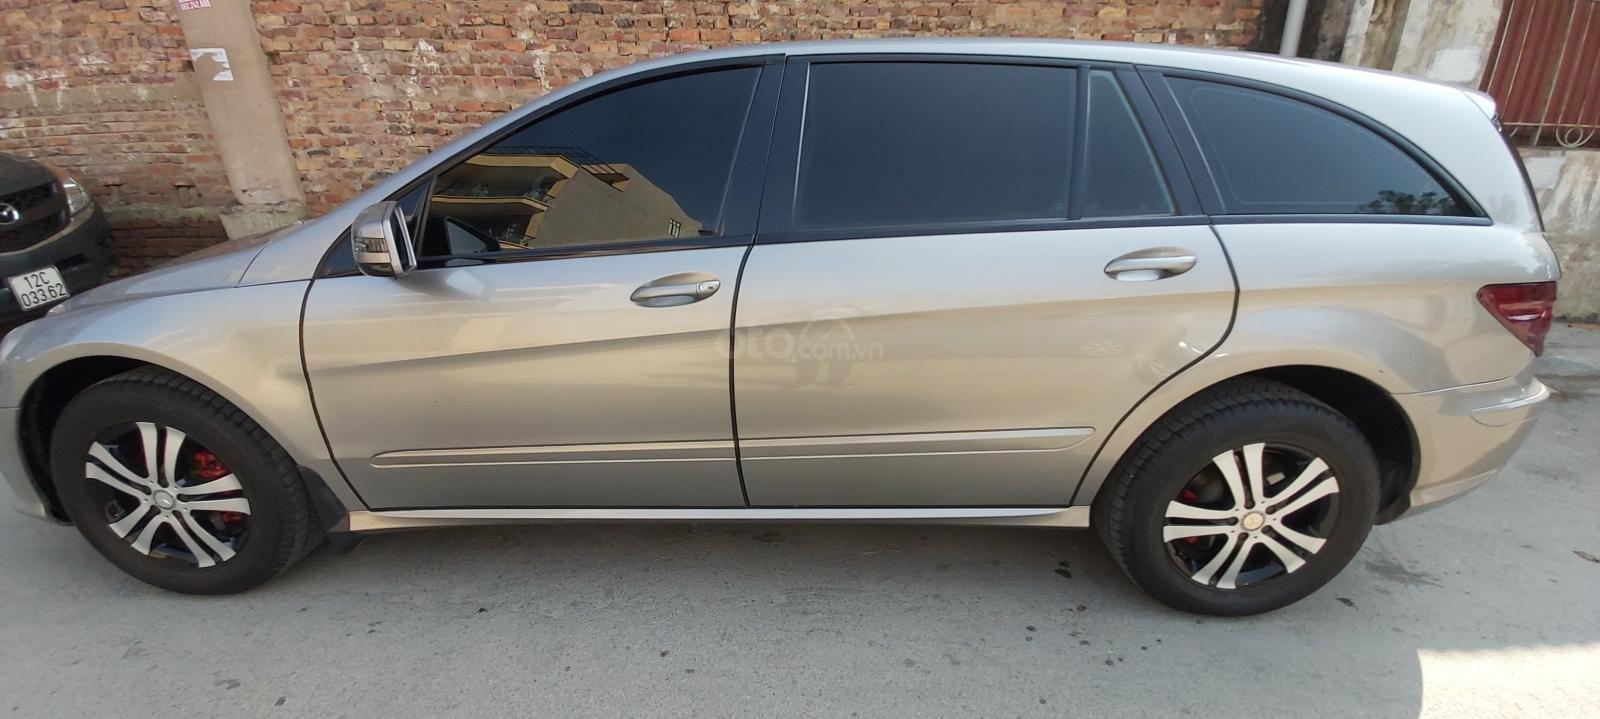 Bán ôtô Mescendes R350 mầu bạc nhập khẩu. Liên hệ Mr Huy 0867830886 (7)